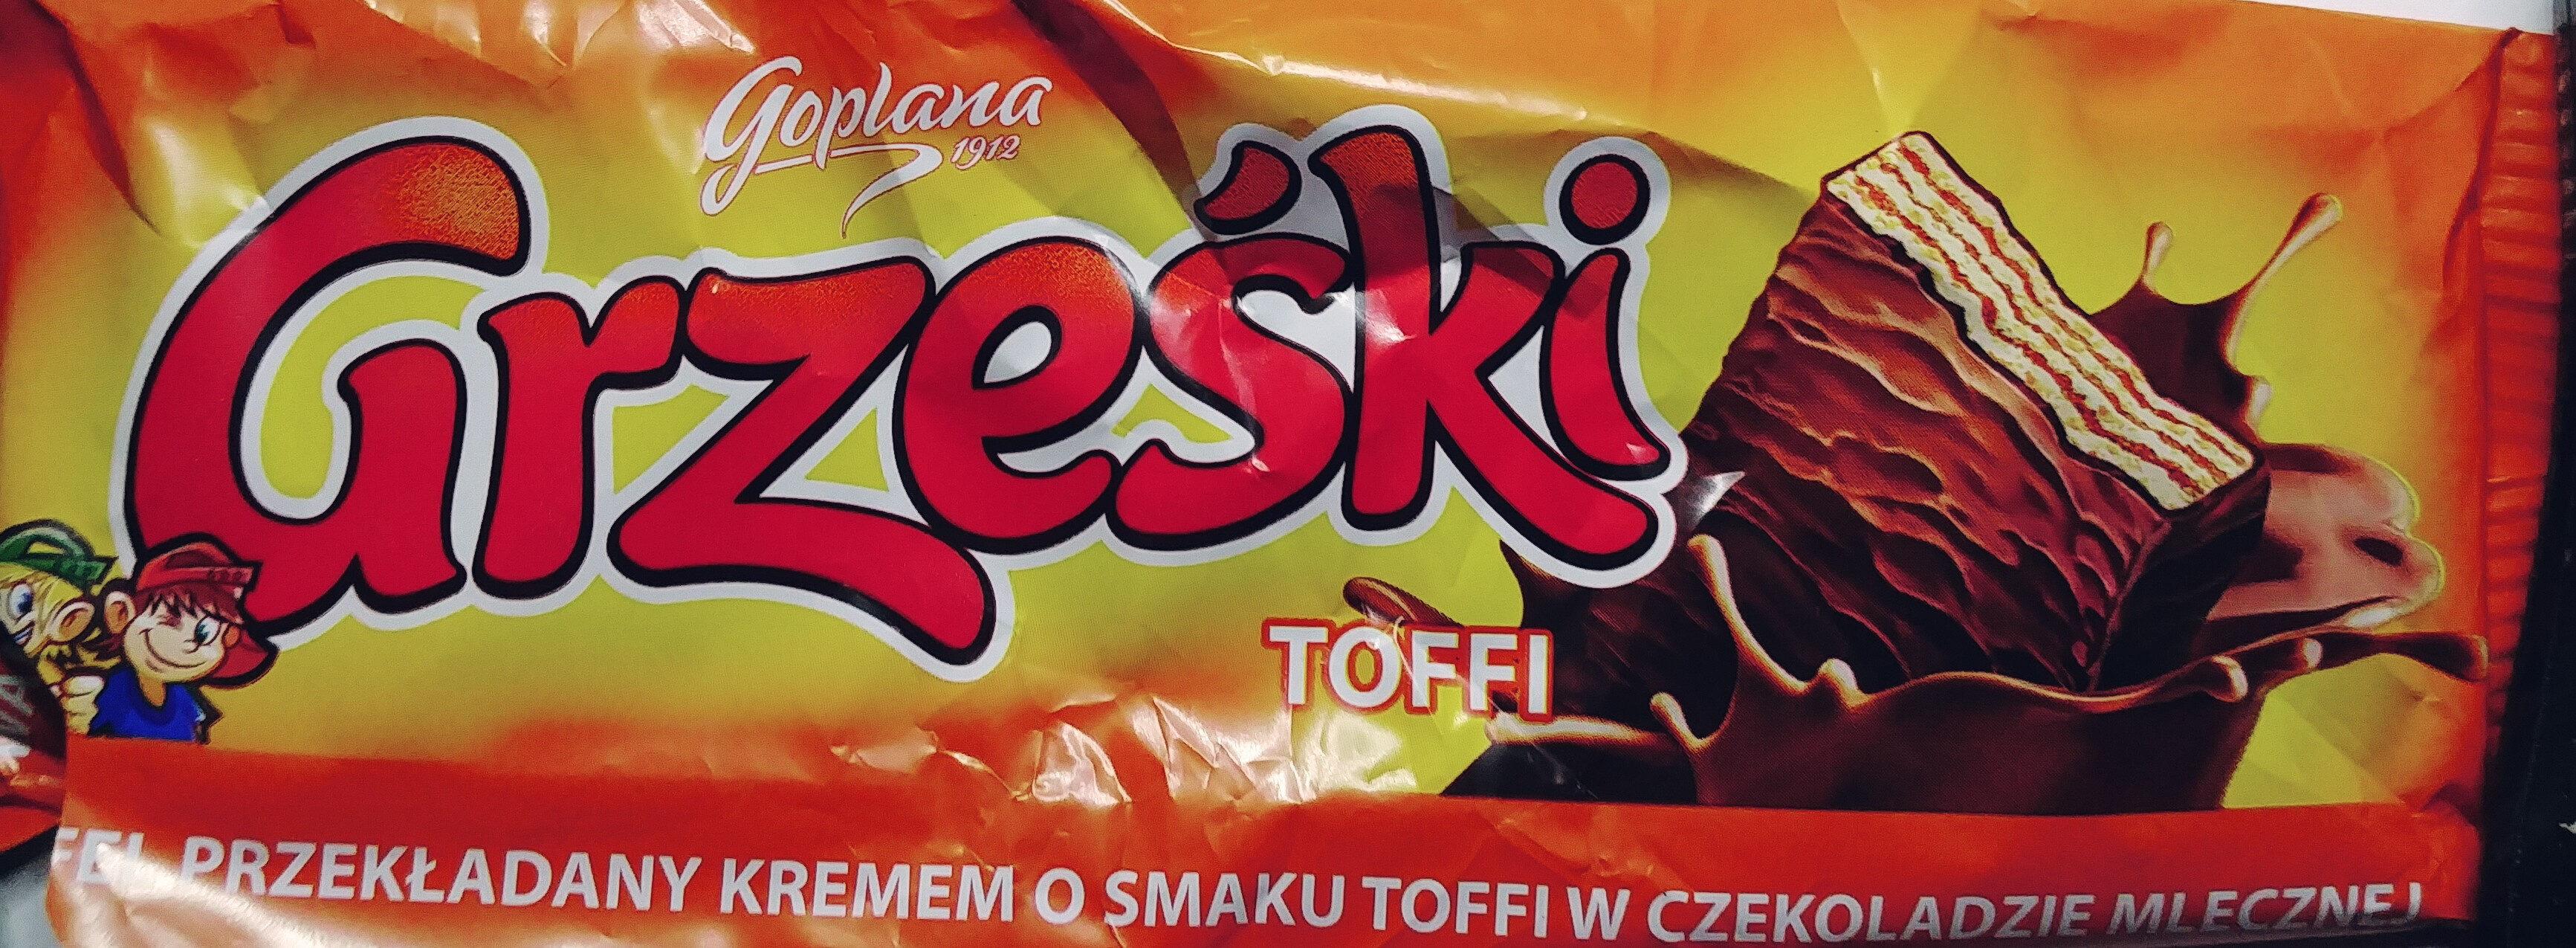 Wafel przekładany kremem o smaku toffi w czekoladzie mlecznej - Product - pl